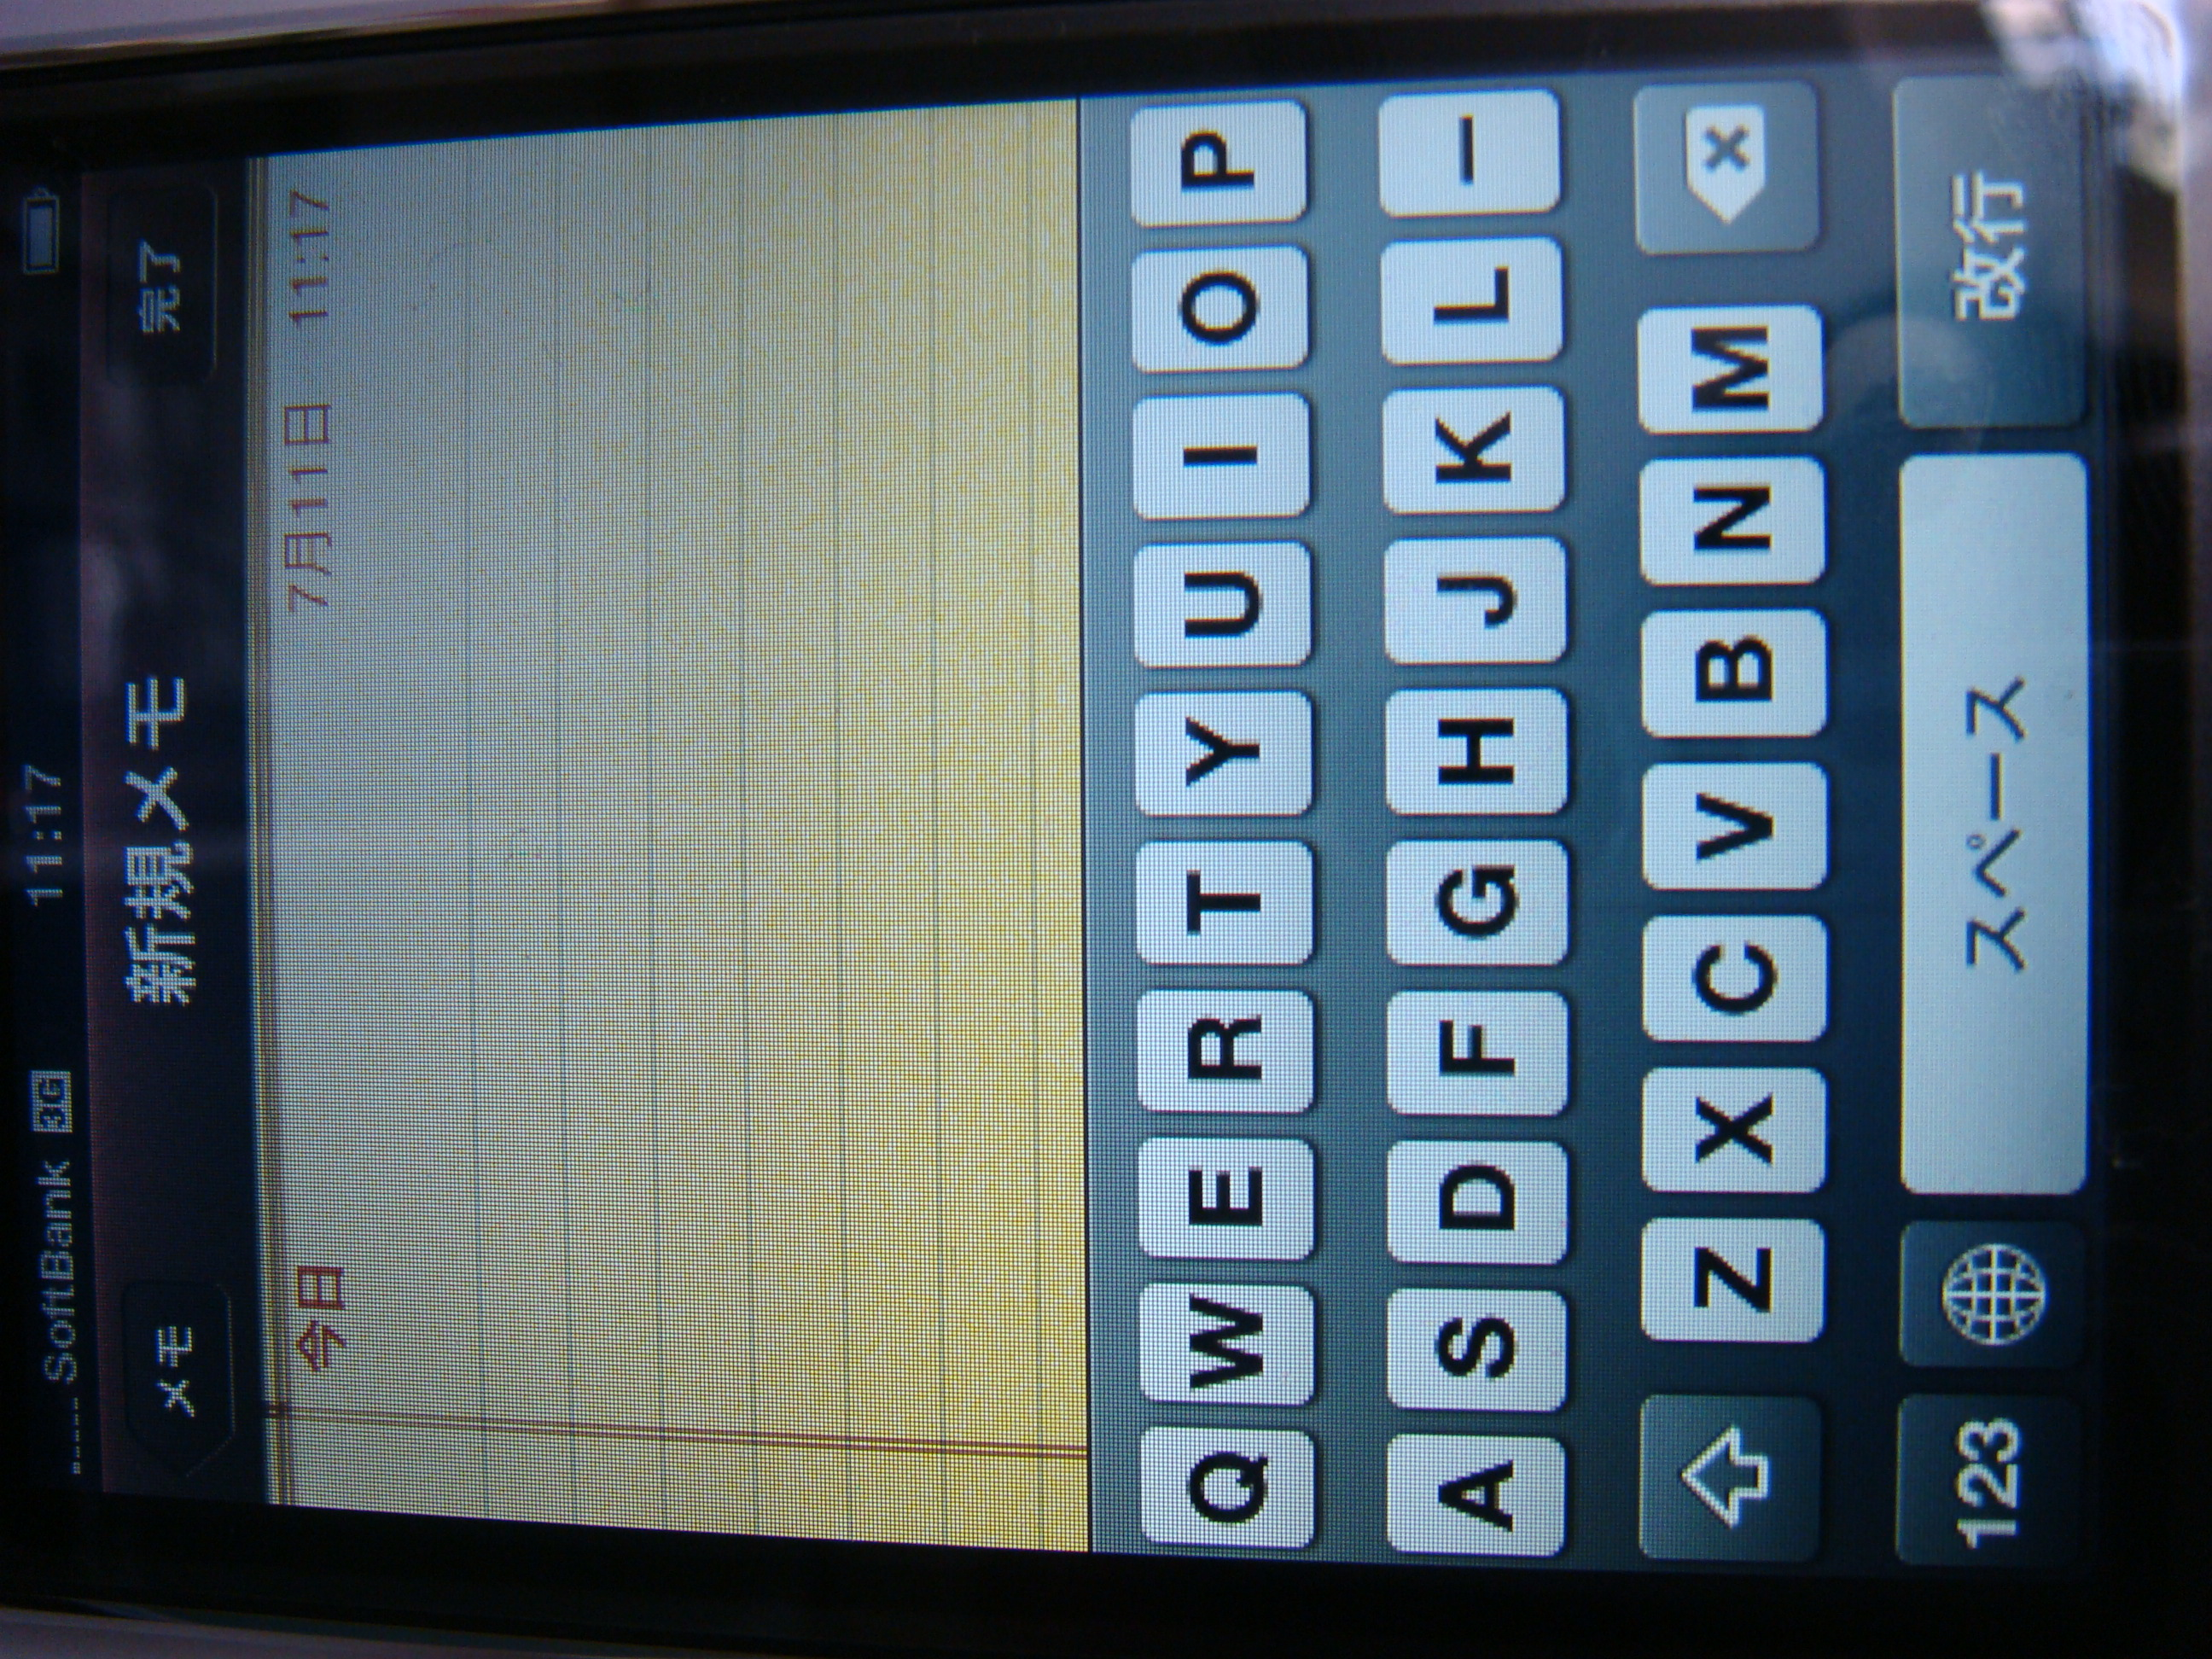 iPhone 3G キーボード入力